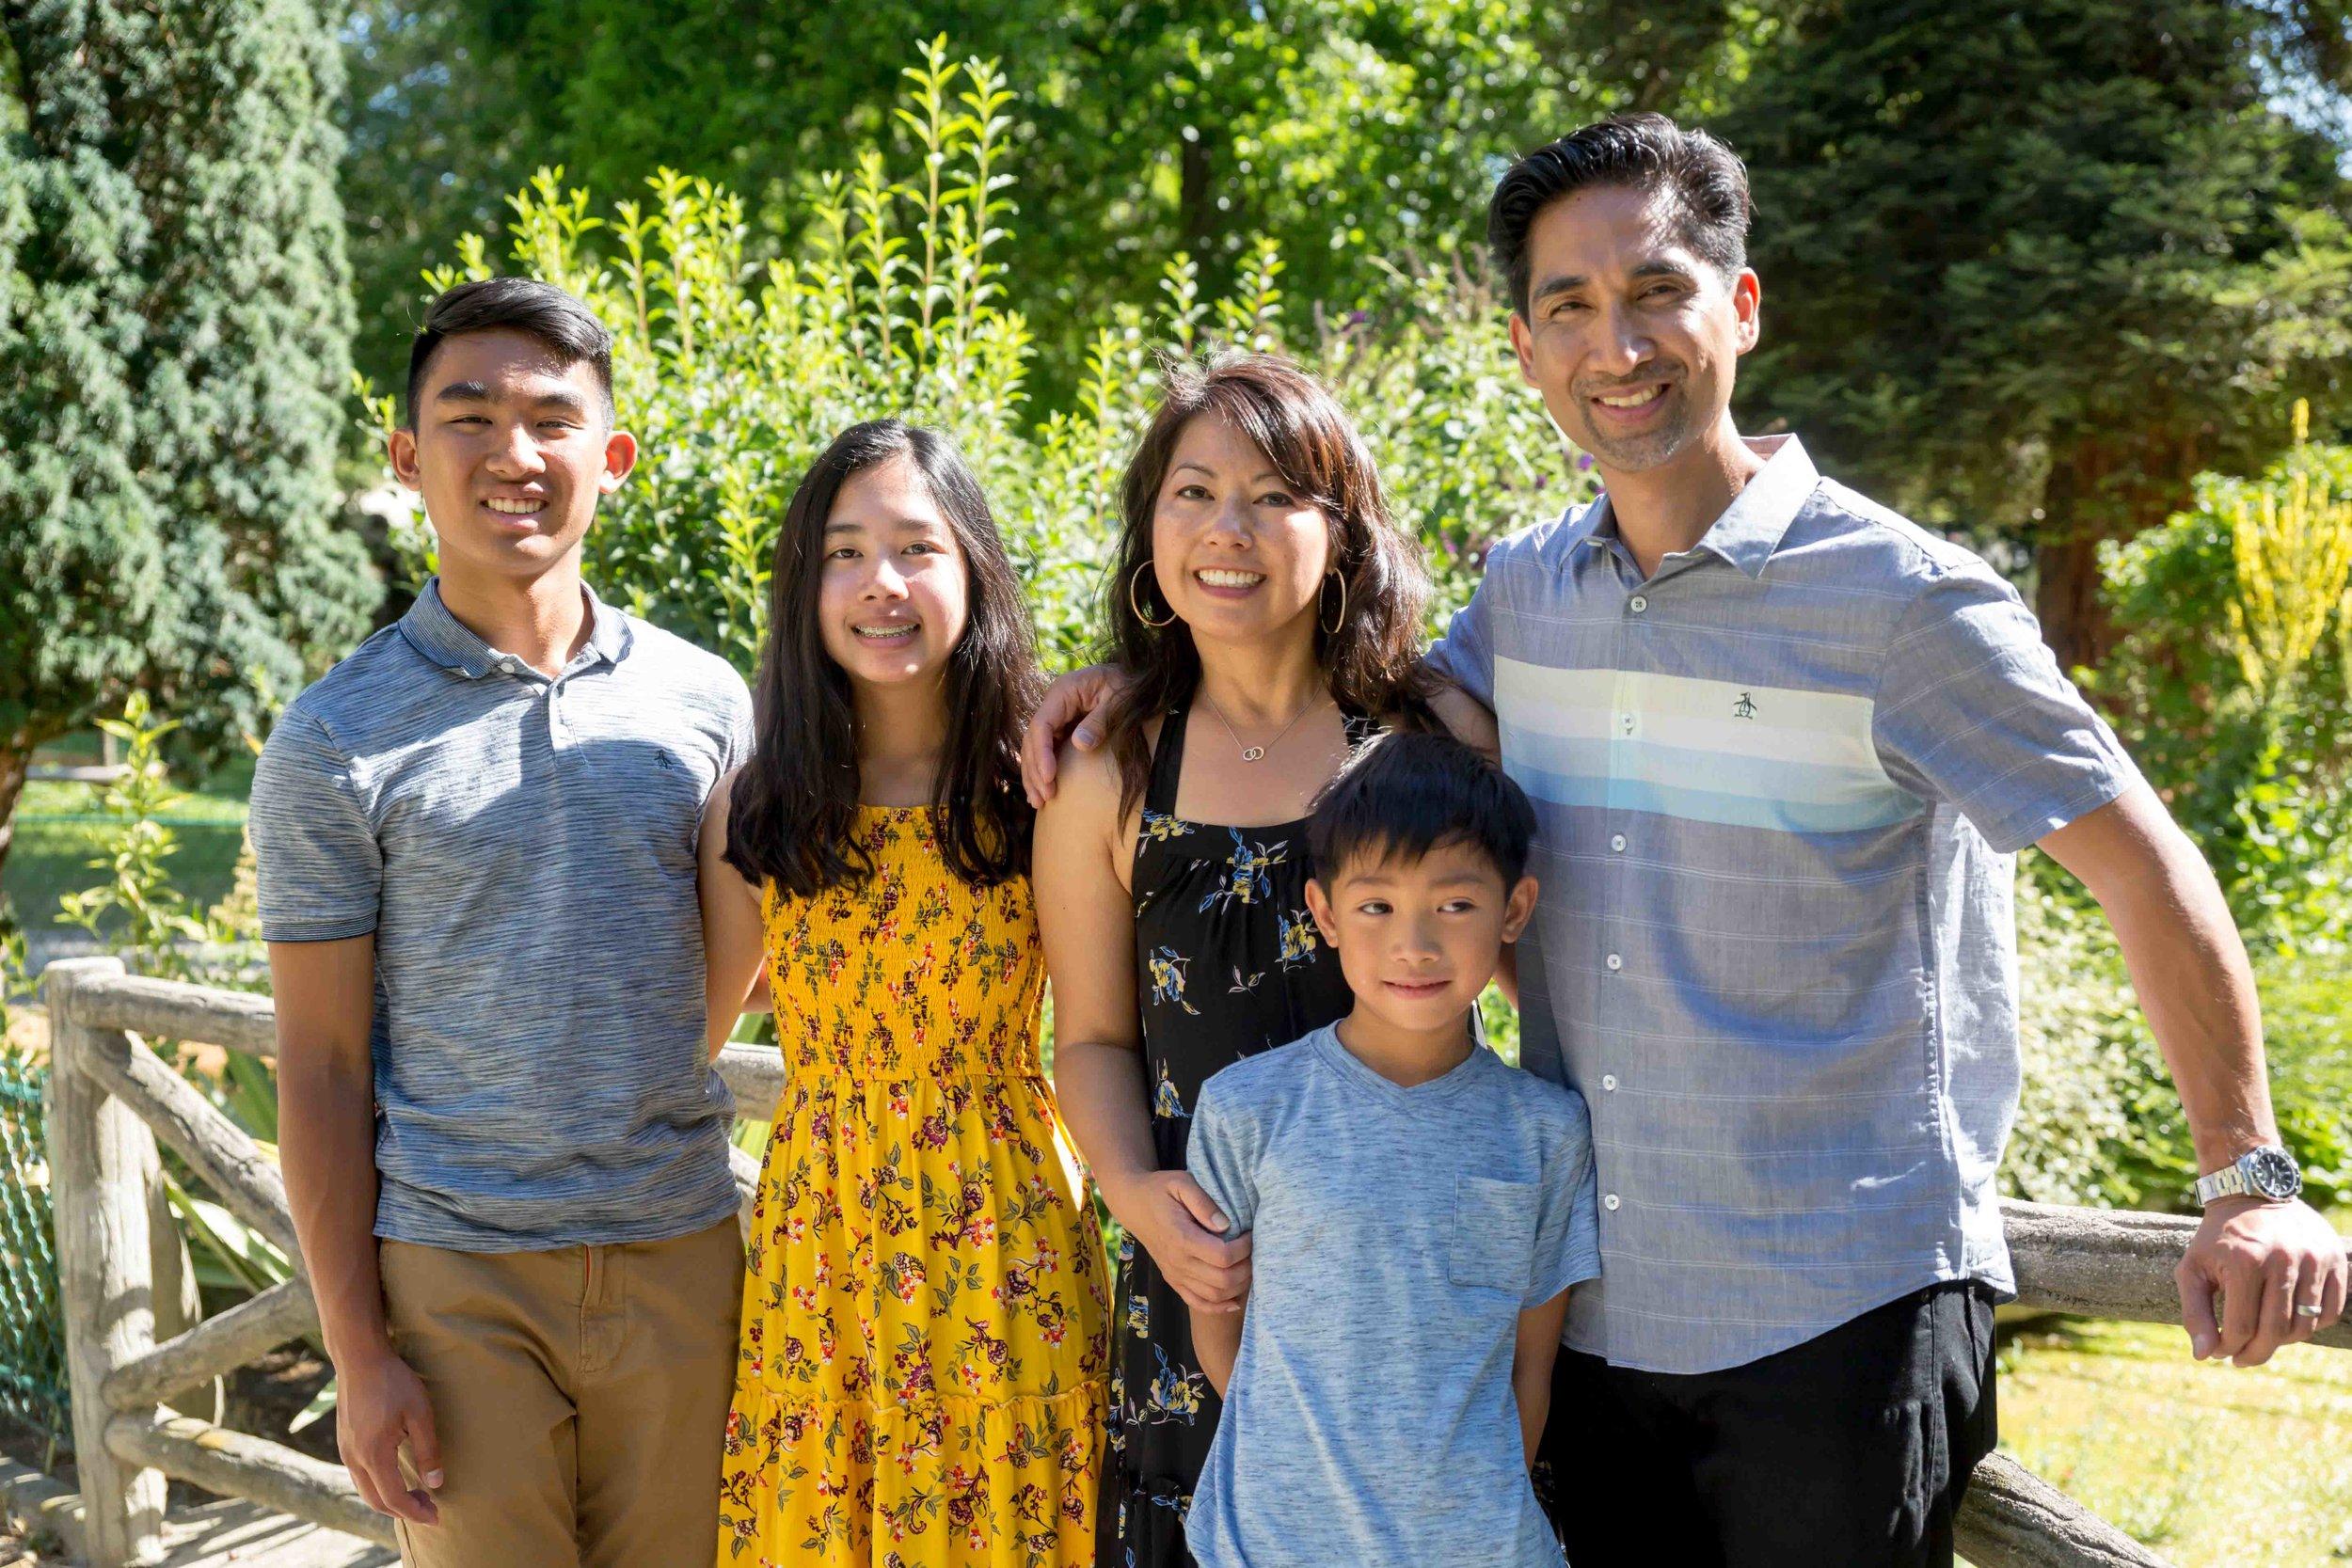 ARTHUR & FAMILY